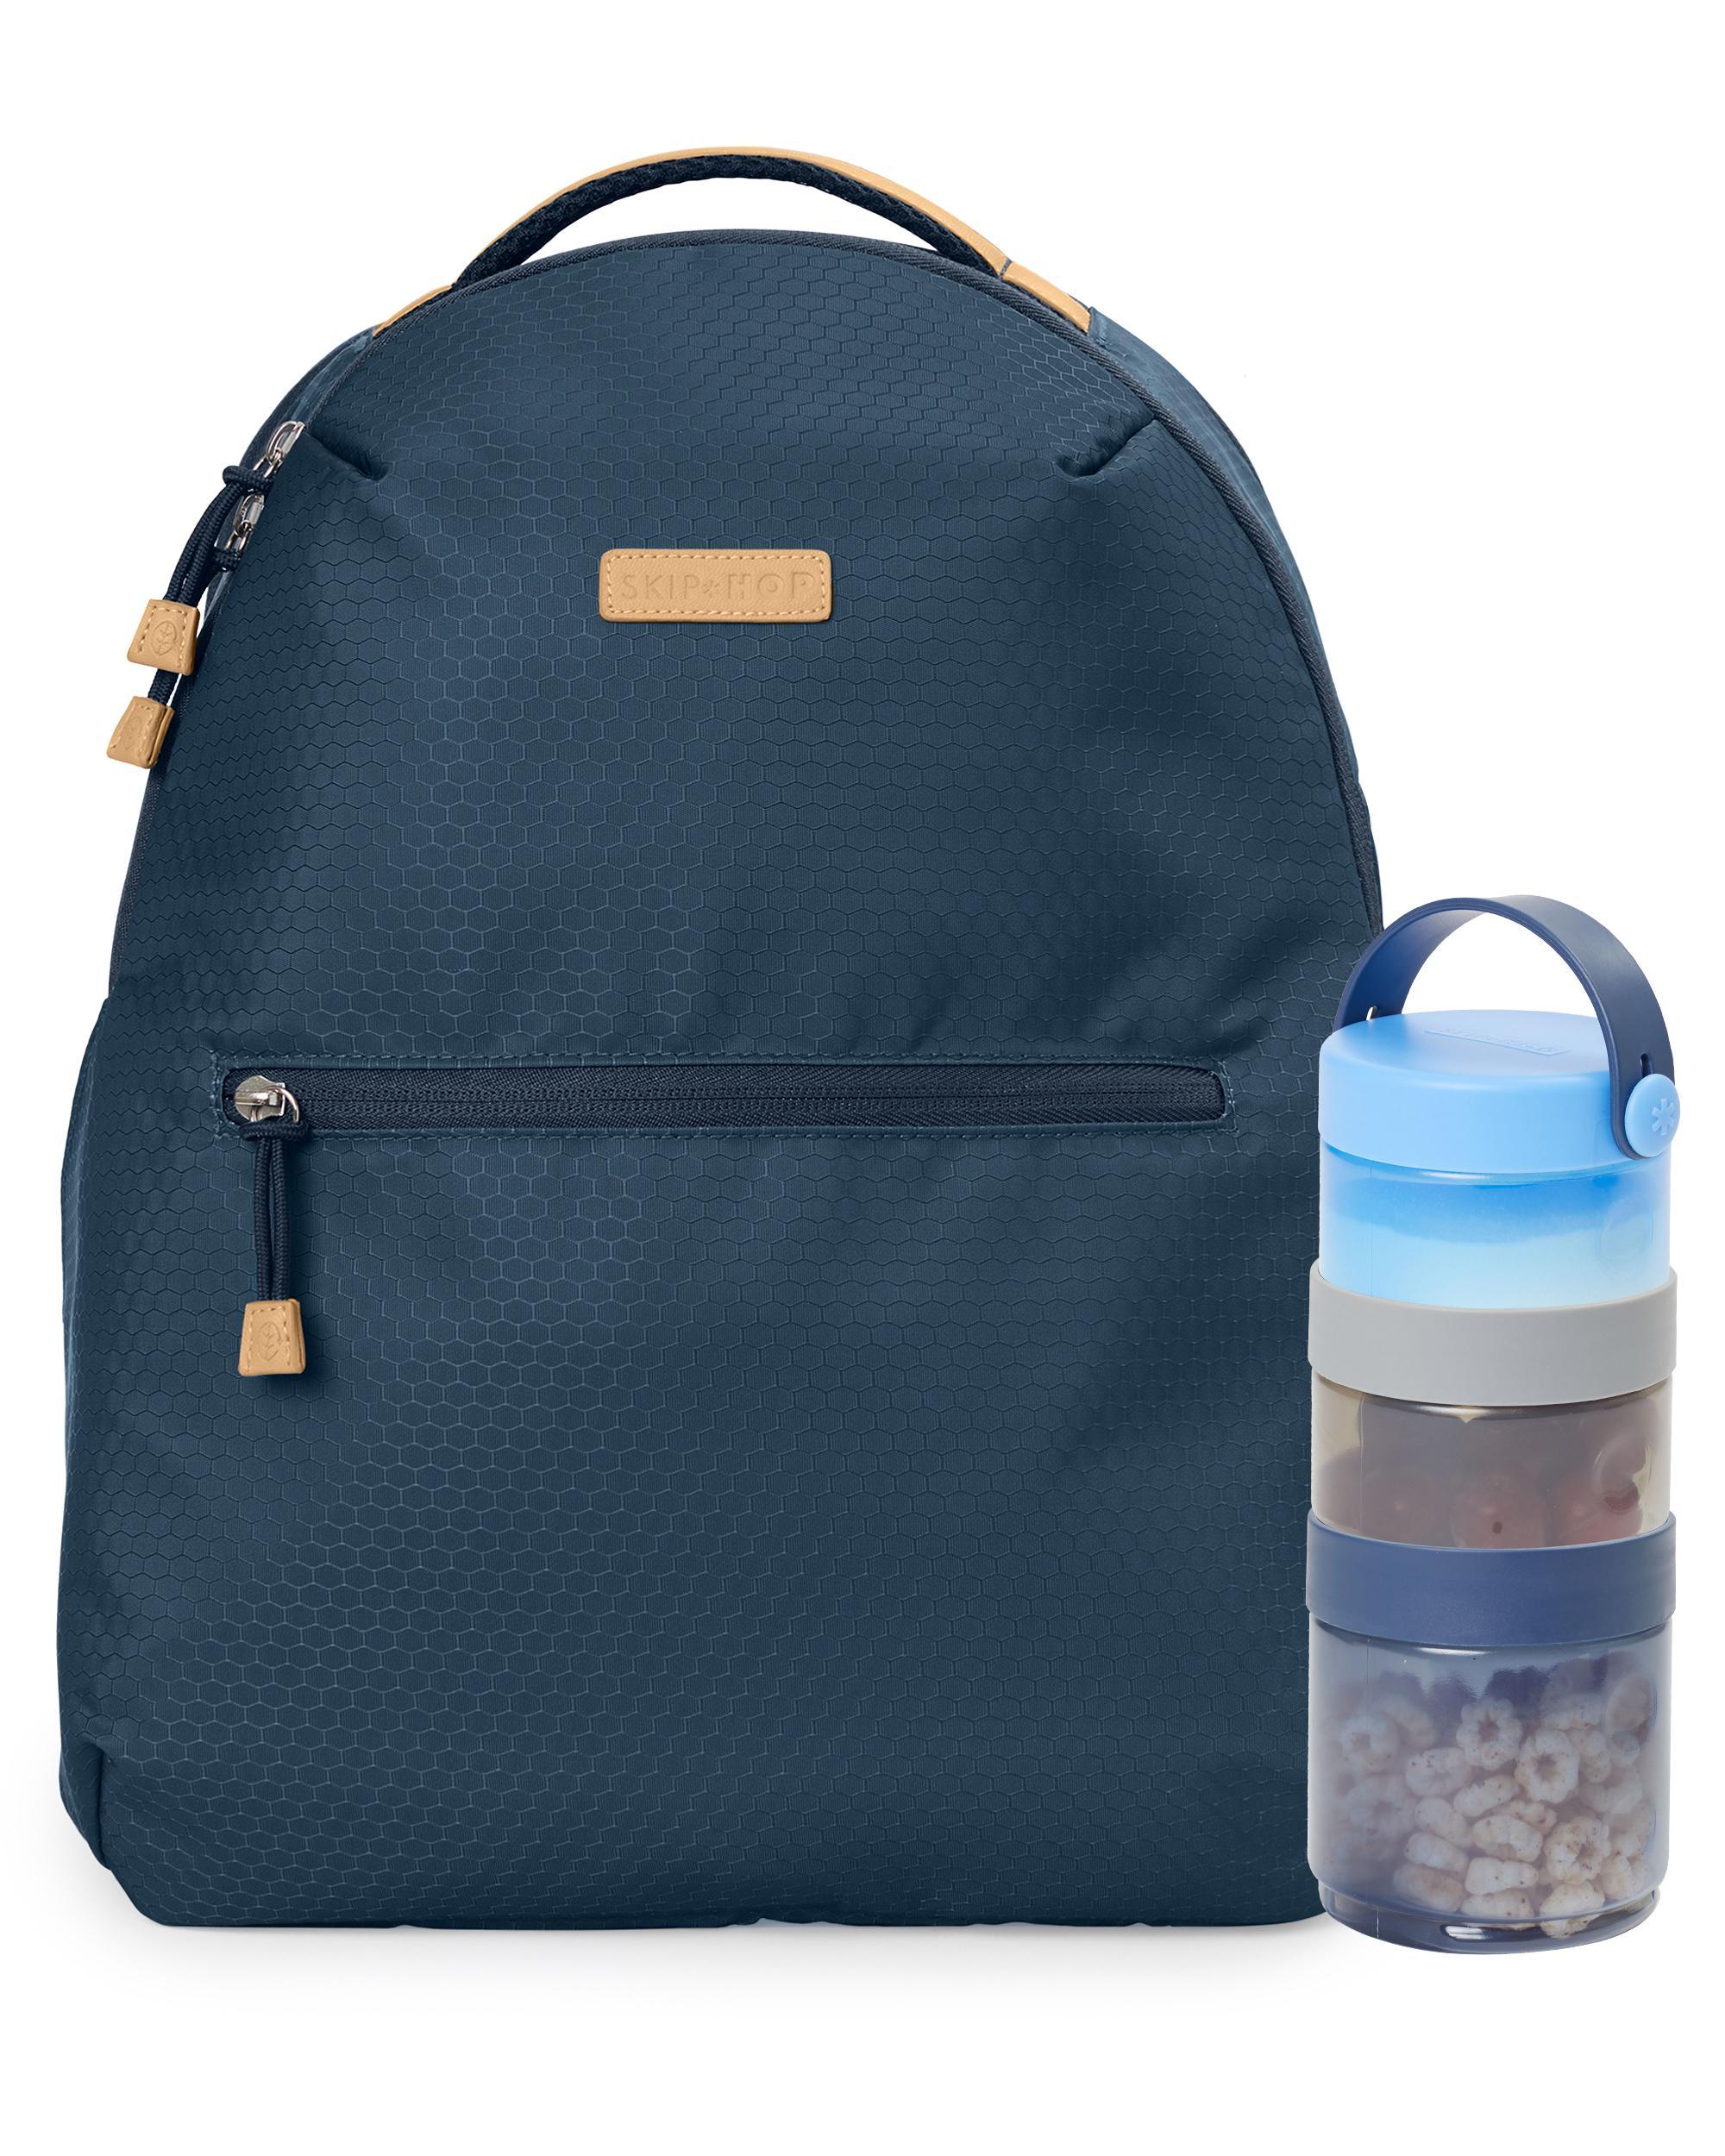 Oshkoshbgosh Go Envi Eco-Friendly Diaper Backpack